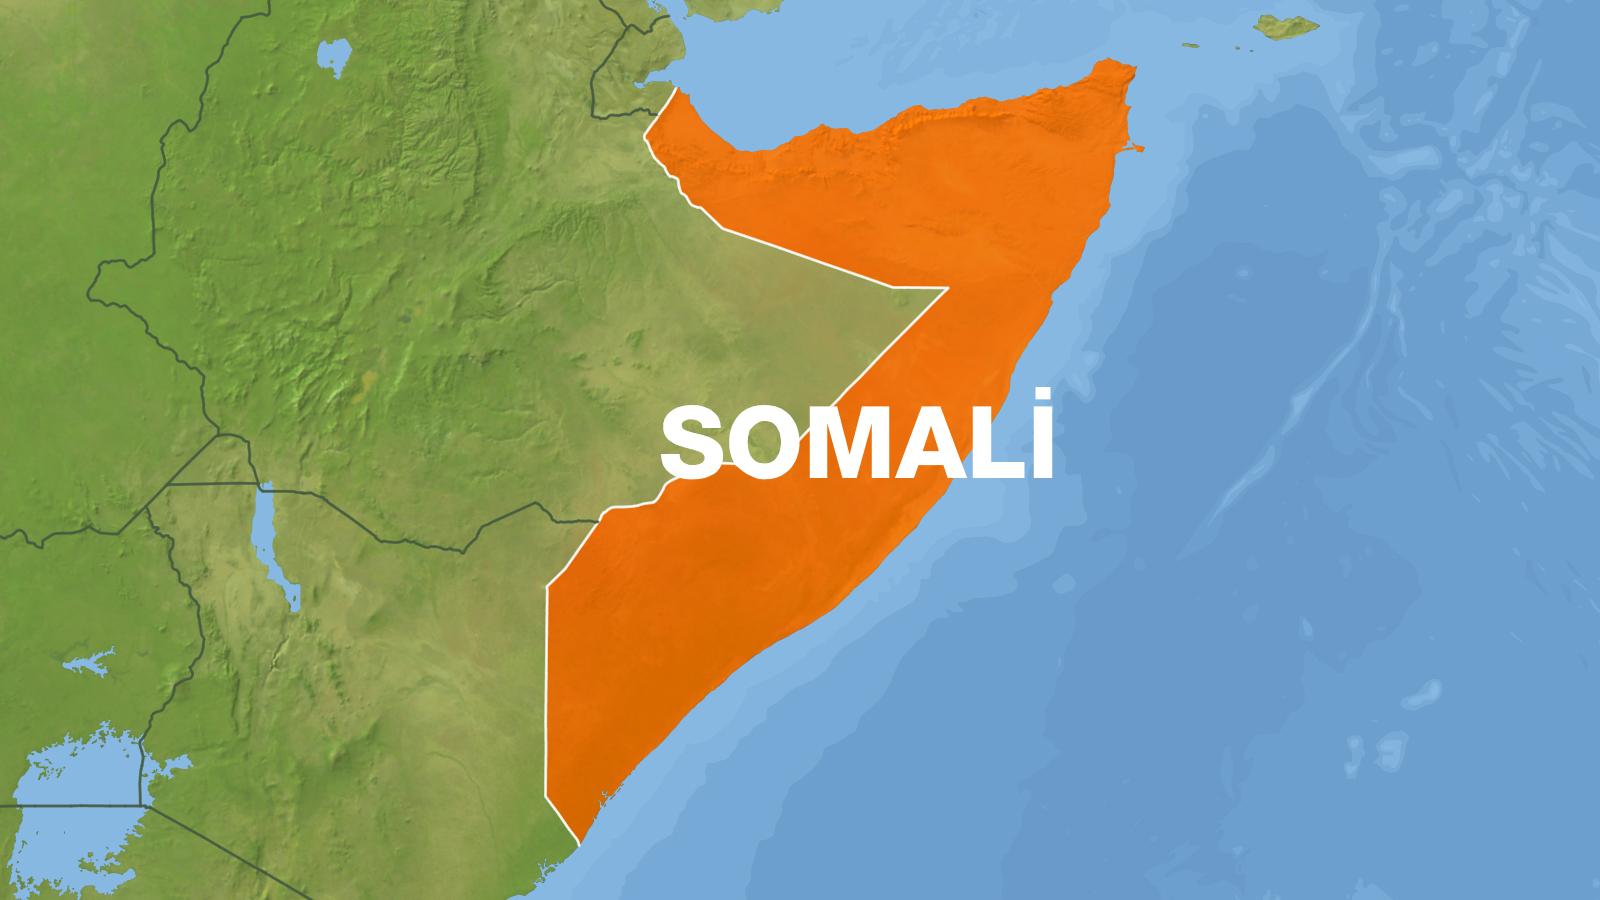 Somali'de iki büyük patlama oldu